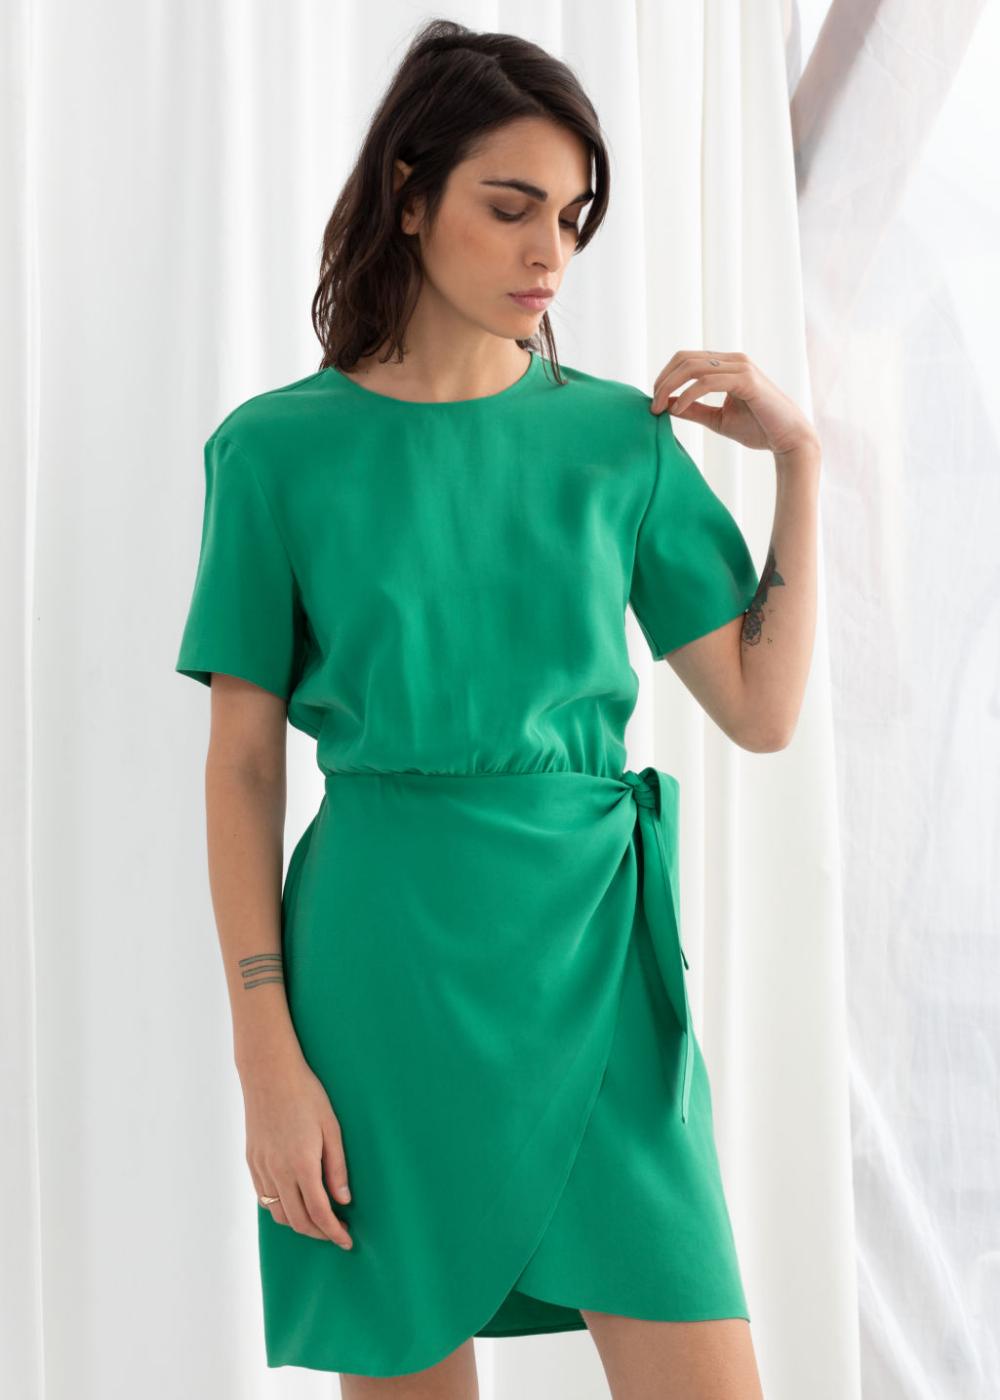 Tie Up Mini Wrap Dress Wrap Dress Mini Wrap Dress Wrap Dress Outfit [ 1400 x 1000 Pixel ]